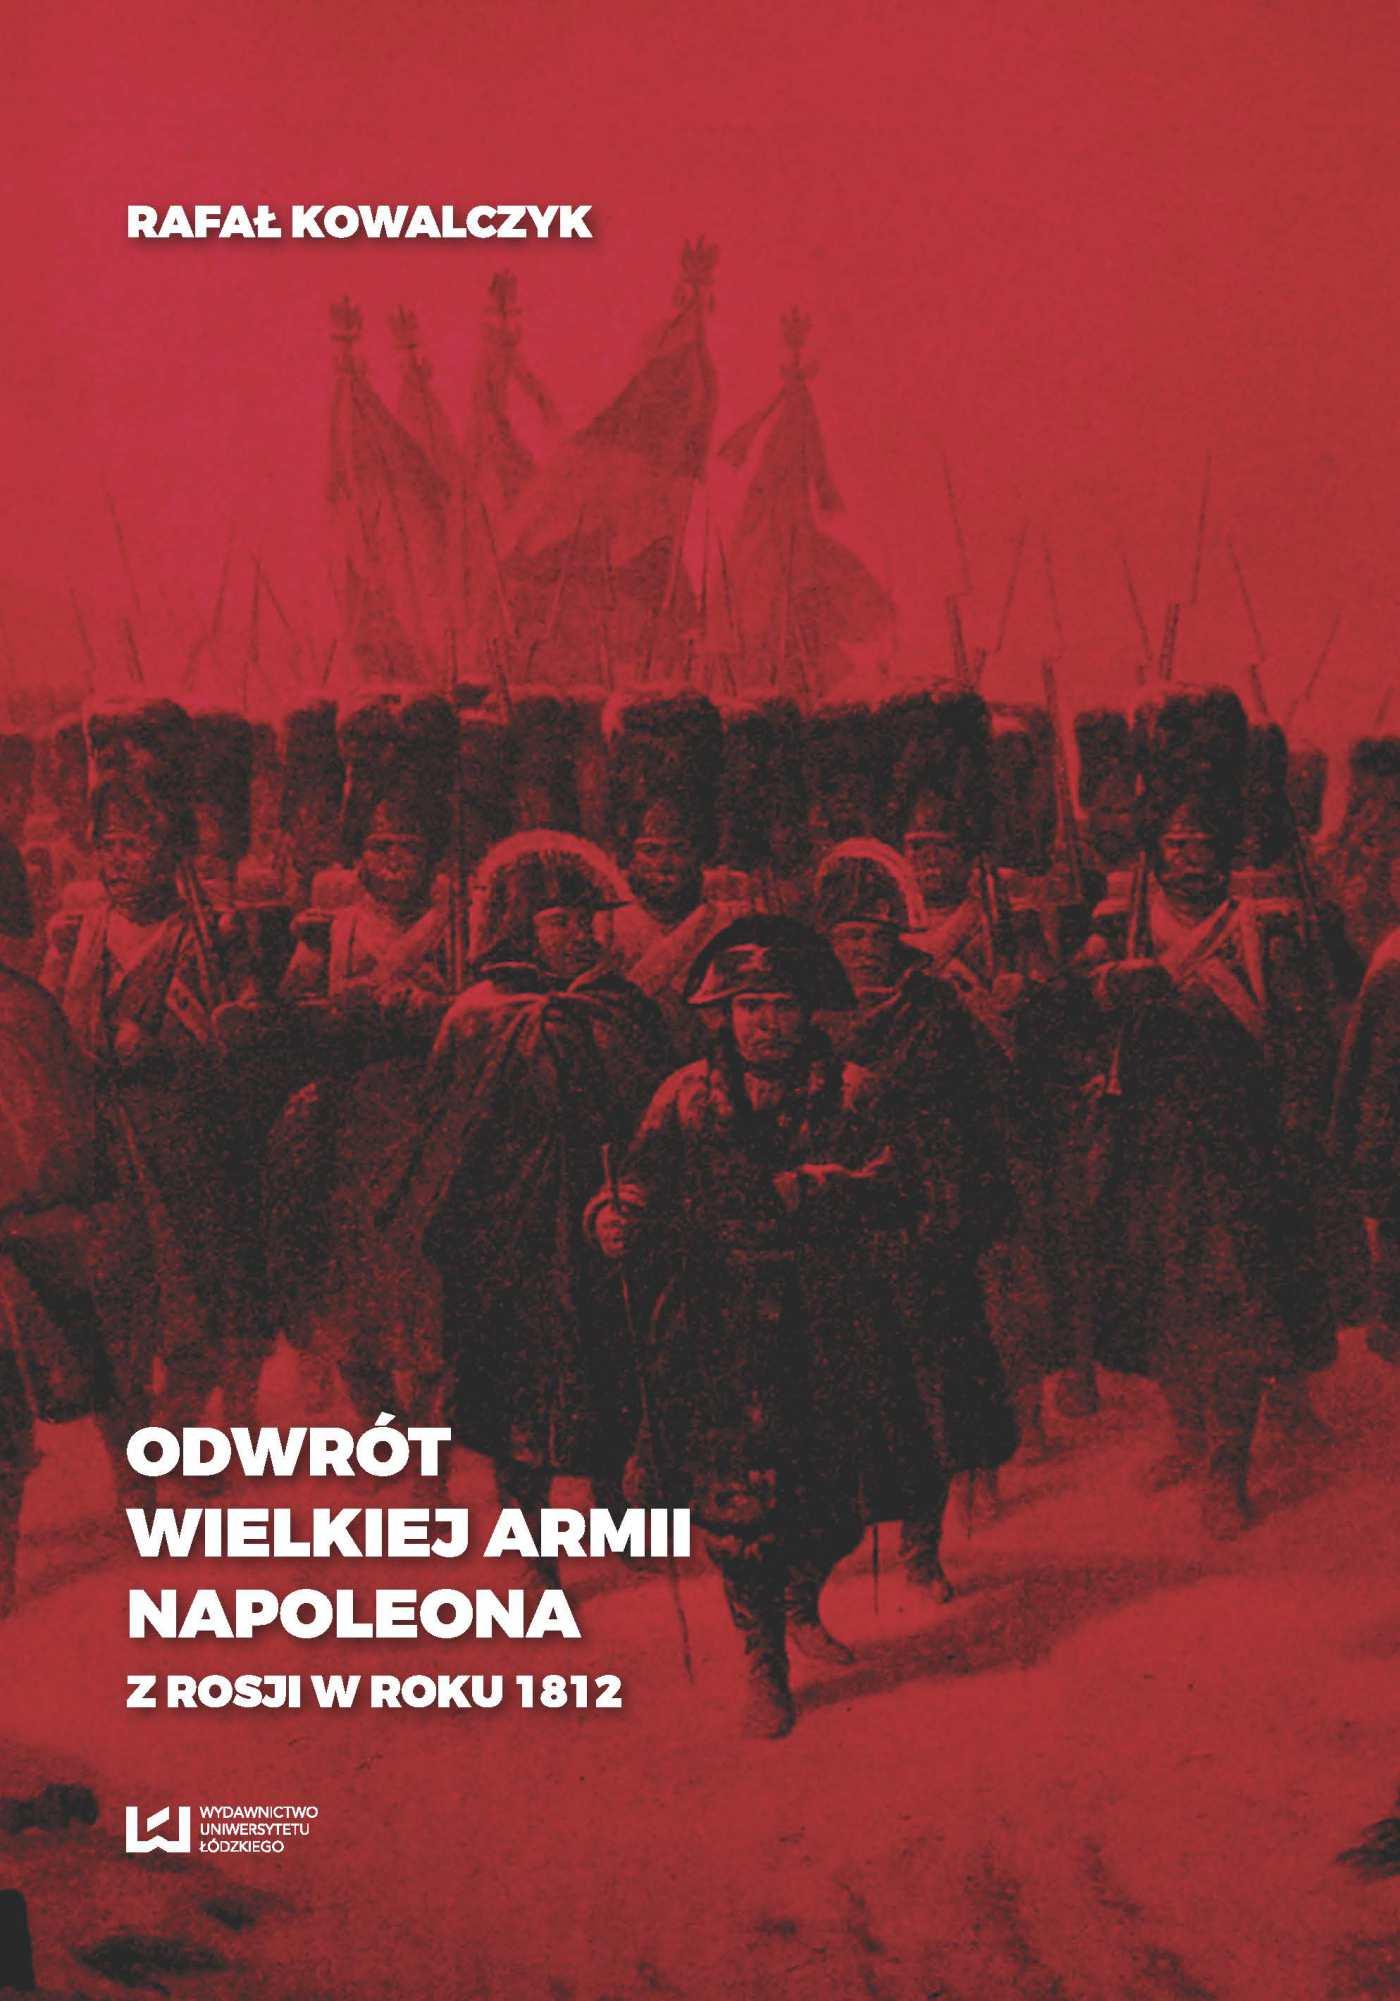 Odwrót Wielkiej Armii Napoleona z Rosji w roku 1812 - Ebook (Książka PDF) do pobrania w formacie PDF